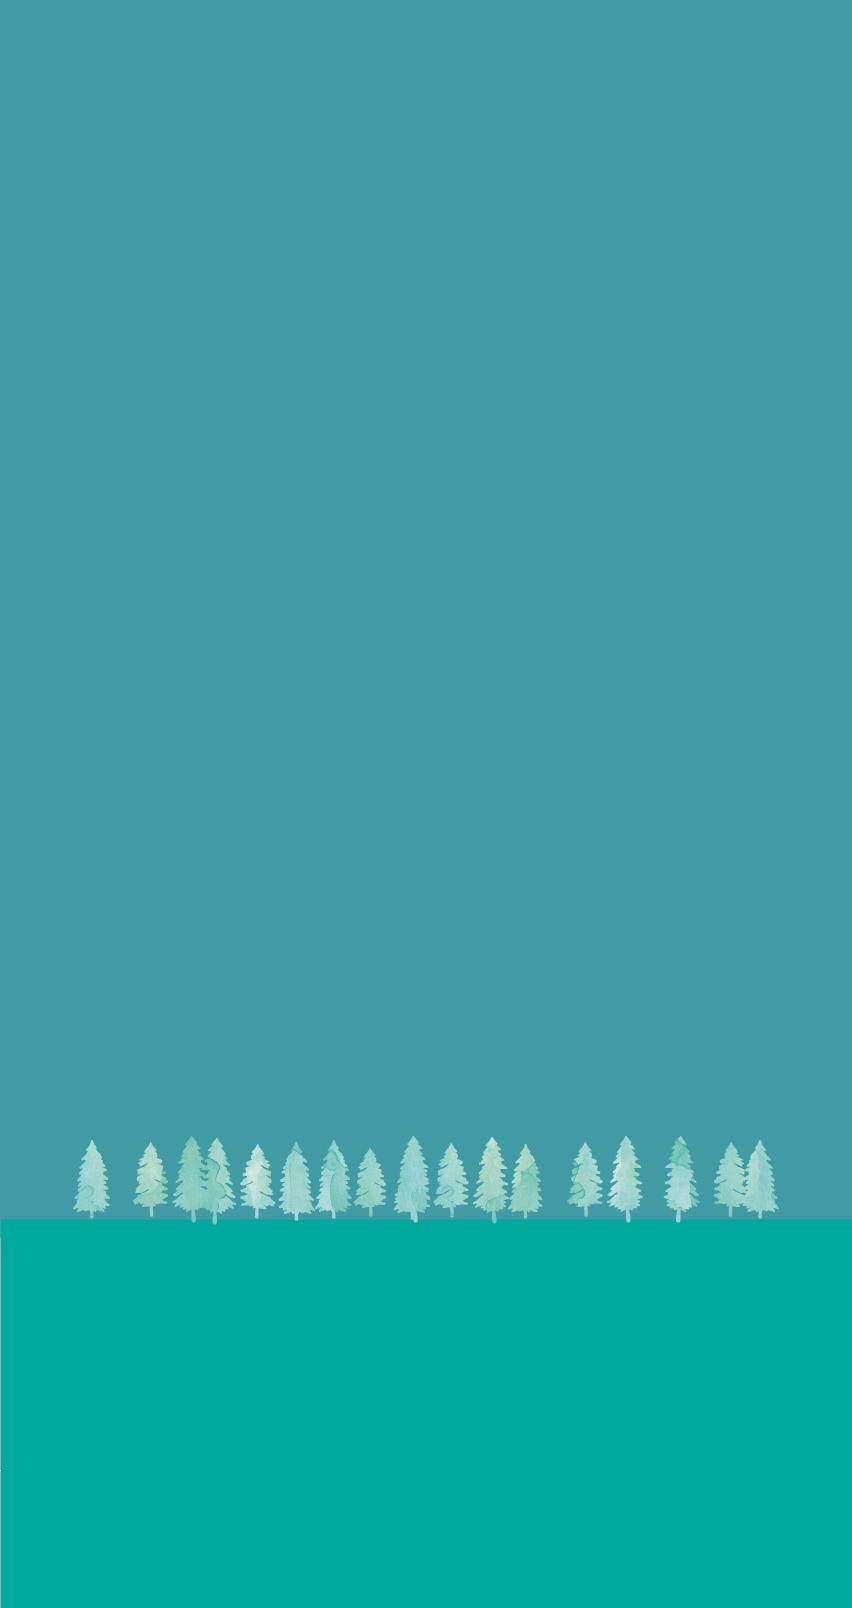 Grüne Bäume vor einem türkisen Hintergrund